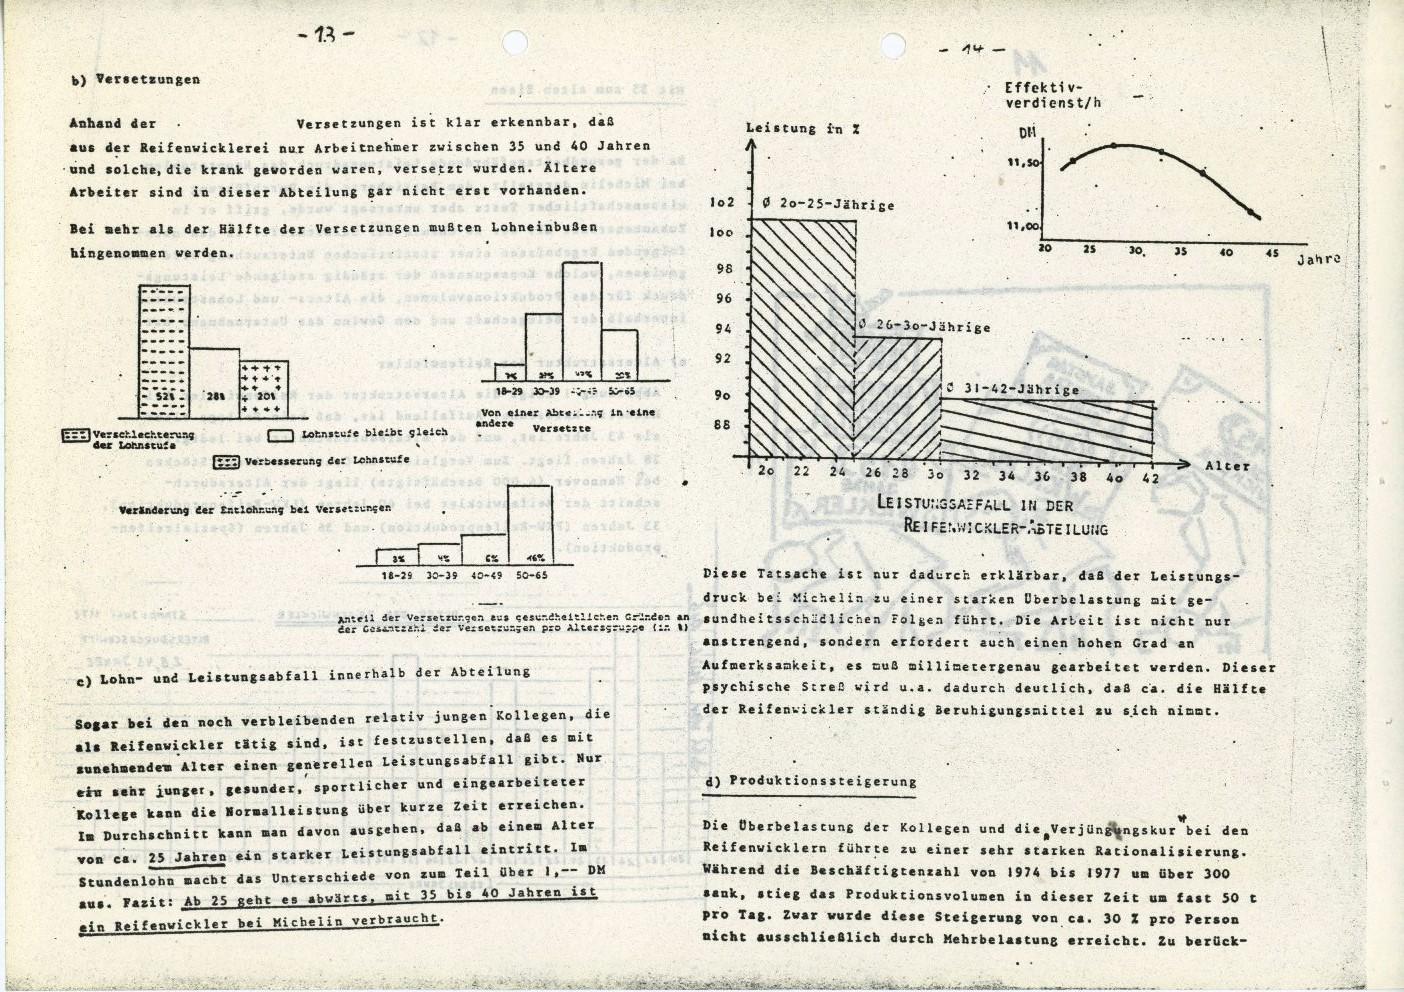 Karlsruhe_Michelin_IGCPK_Doku_zum_Arbeitskonflikt_1978_07